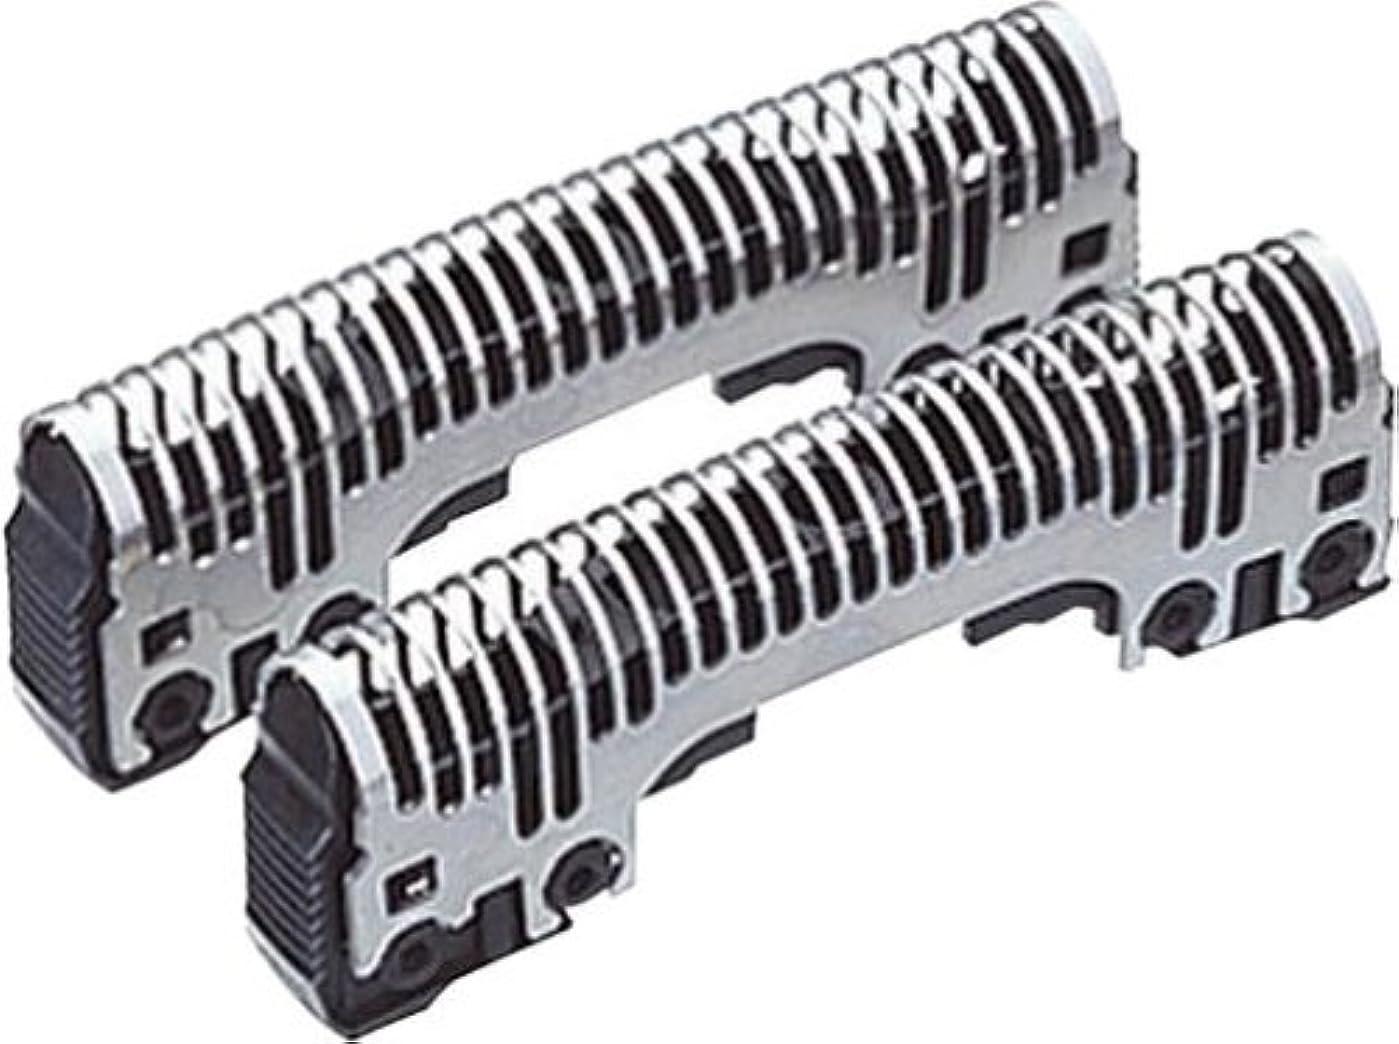 改修する鎮痛剤スイパナソニック 替刃 メンズシェーバー用 内刃 ES9066